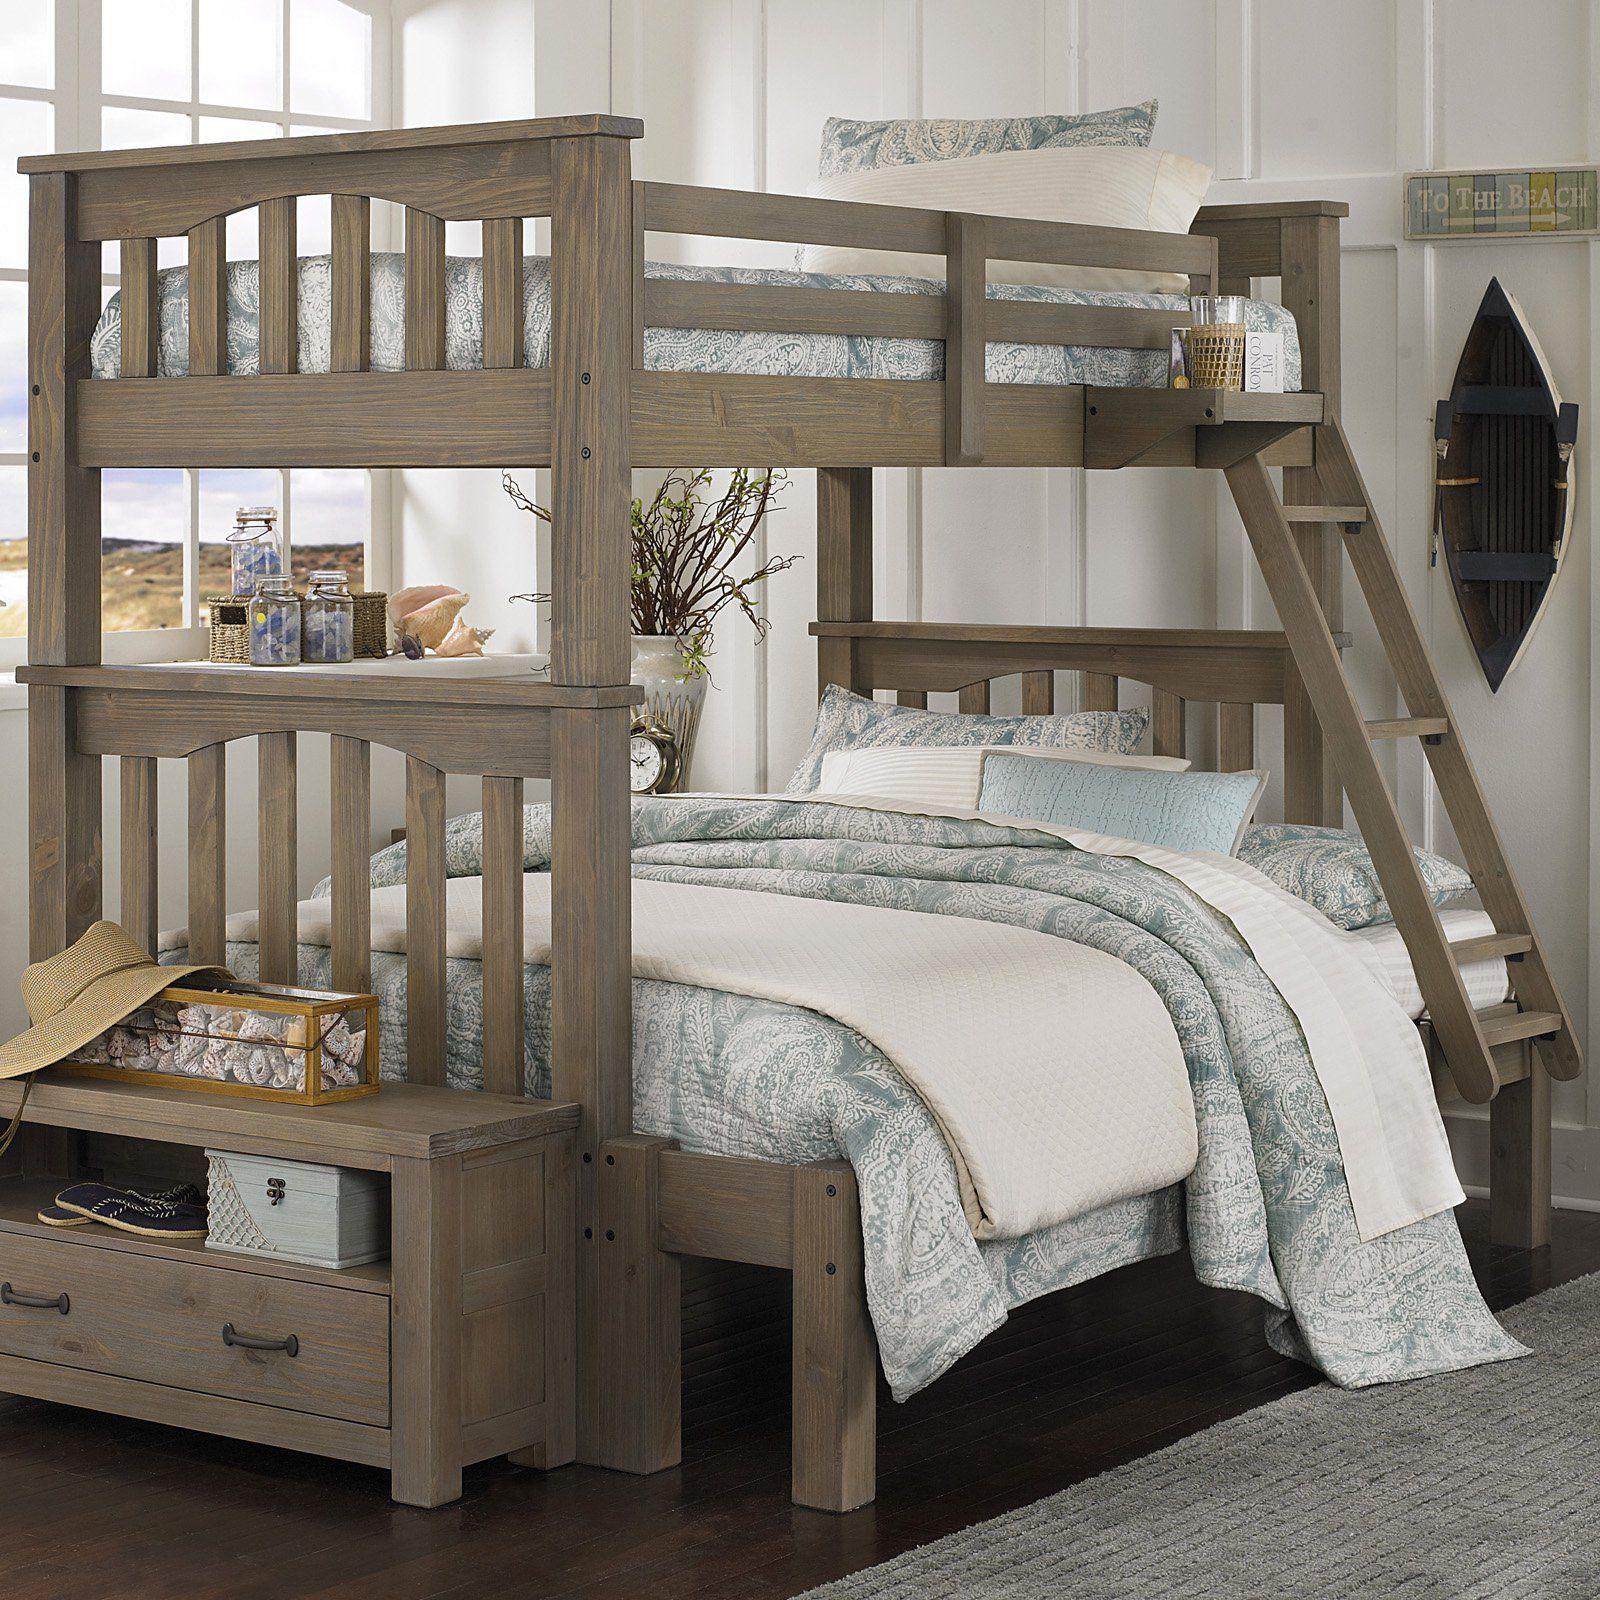 Javin loft bed with desk  Găsit pe Google de pe hayneedle  paturi suprapuse  Pinterest